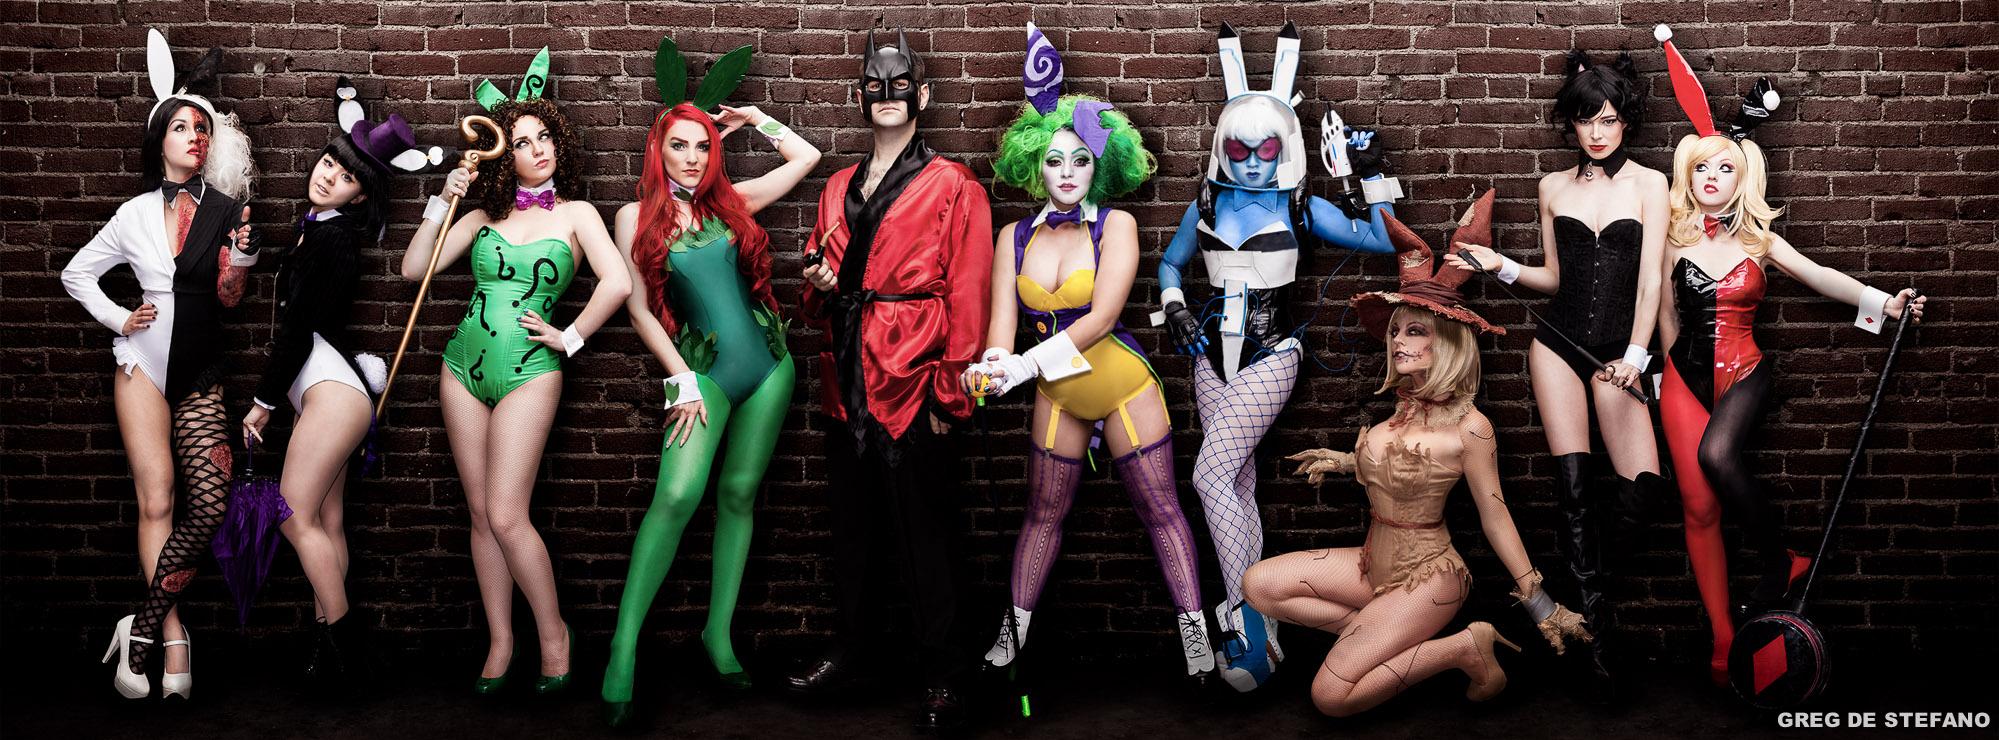 Gotham Bunnies